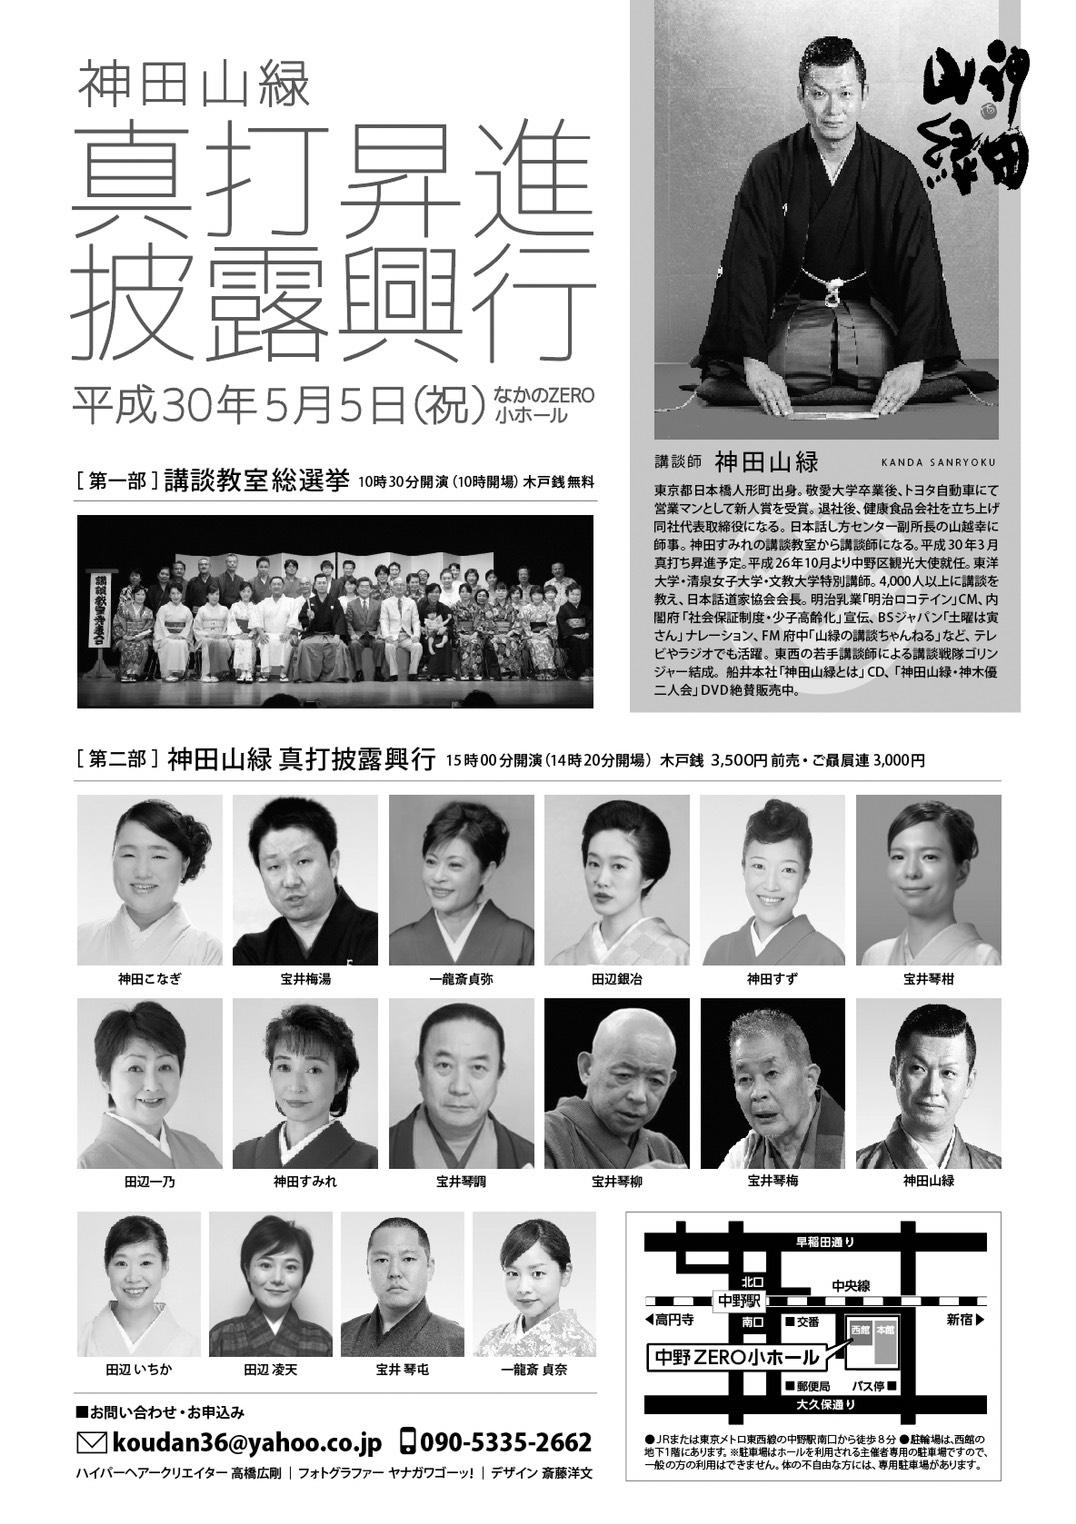 神田山緑真打昇進披露興行(なかのZERO小ホール)